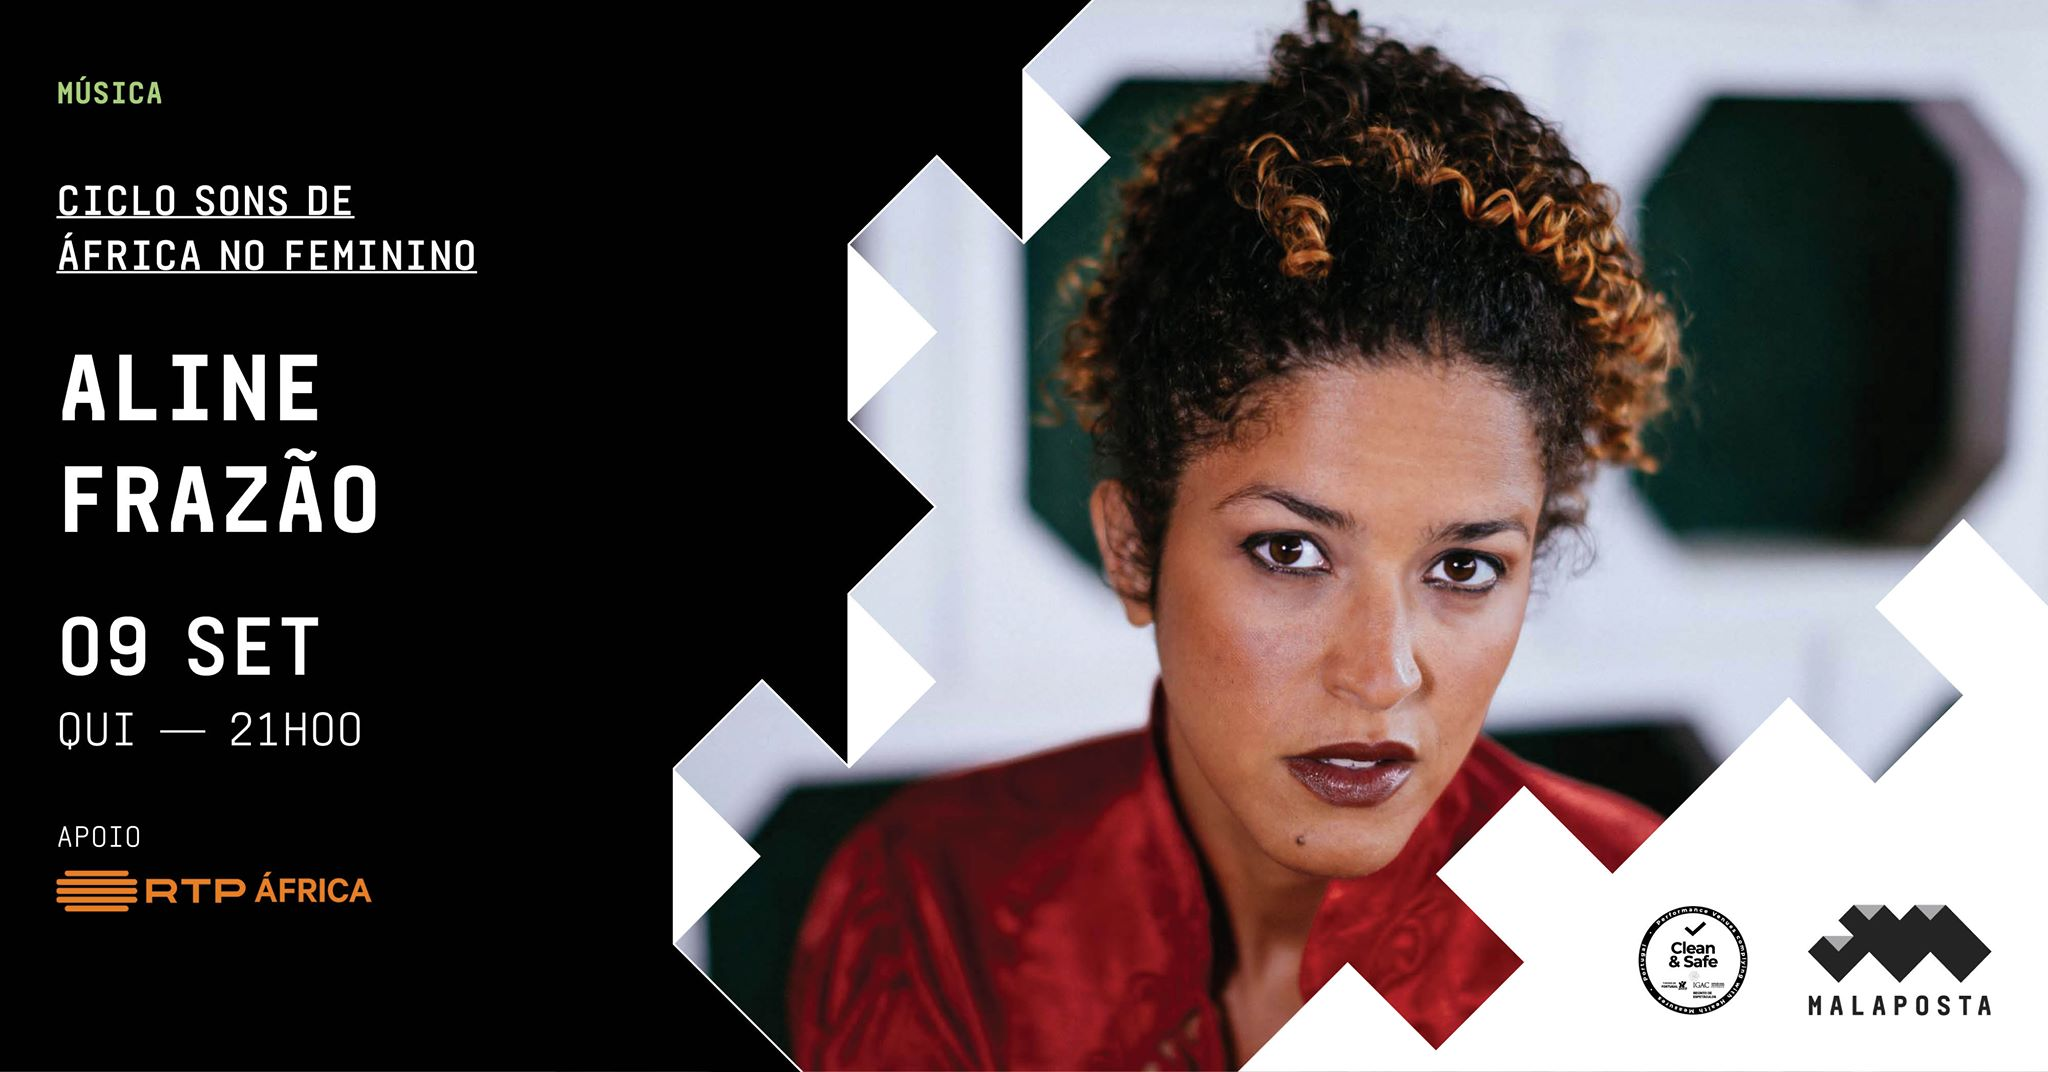 Música   Aline Frazão   Ciclo Sons de África no Feminino